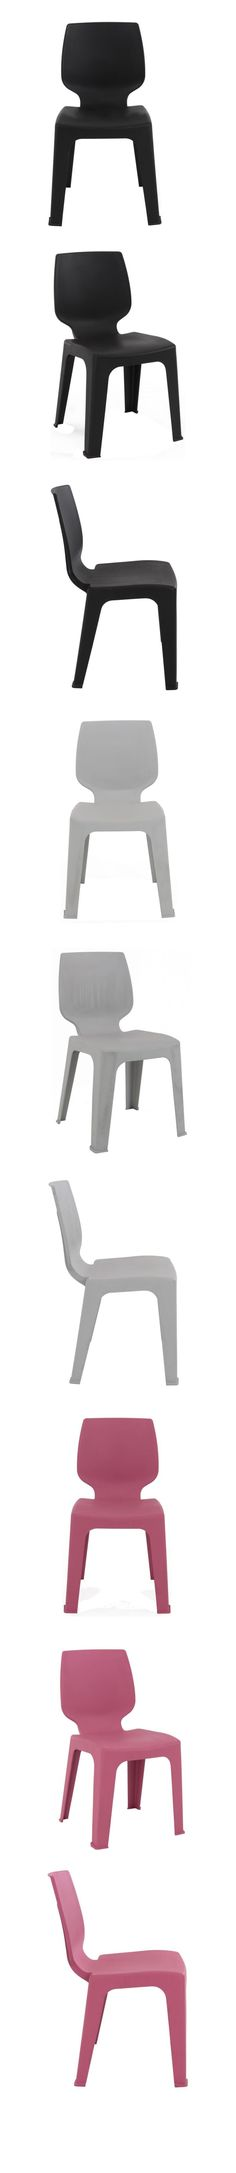 เก้าอี้อเนกประสงค์ Apex รุ่น Optimus PP-D เก้าอี้อเนกประสงค์ รุ่น Optimus PP-D ที่ทำจากพลาสสติกอย่างดี ออกแบบได้อย่างทันสมัย ราคา 750บาท